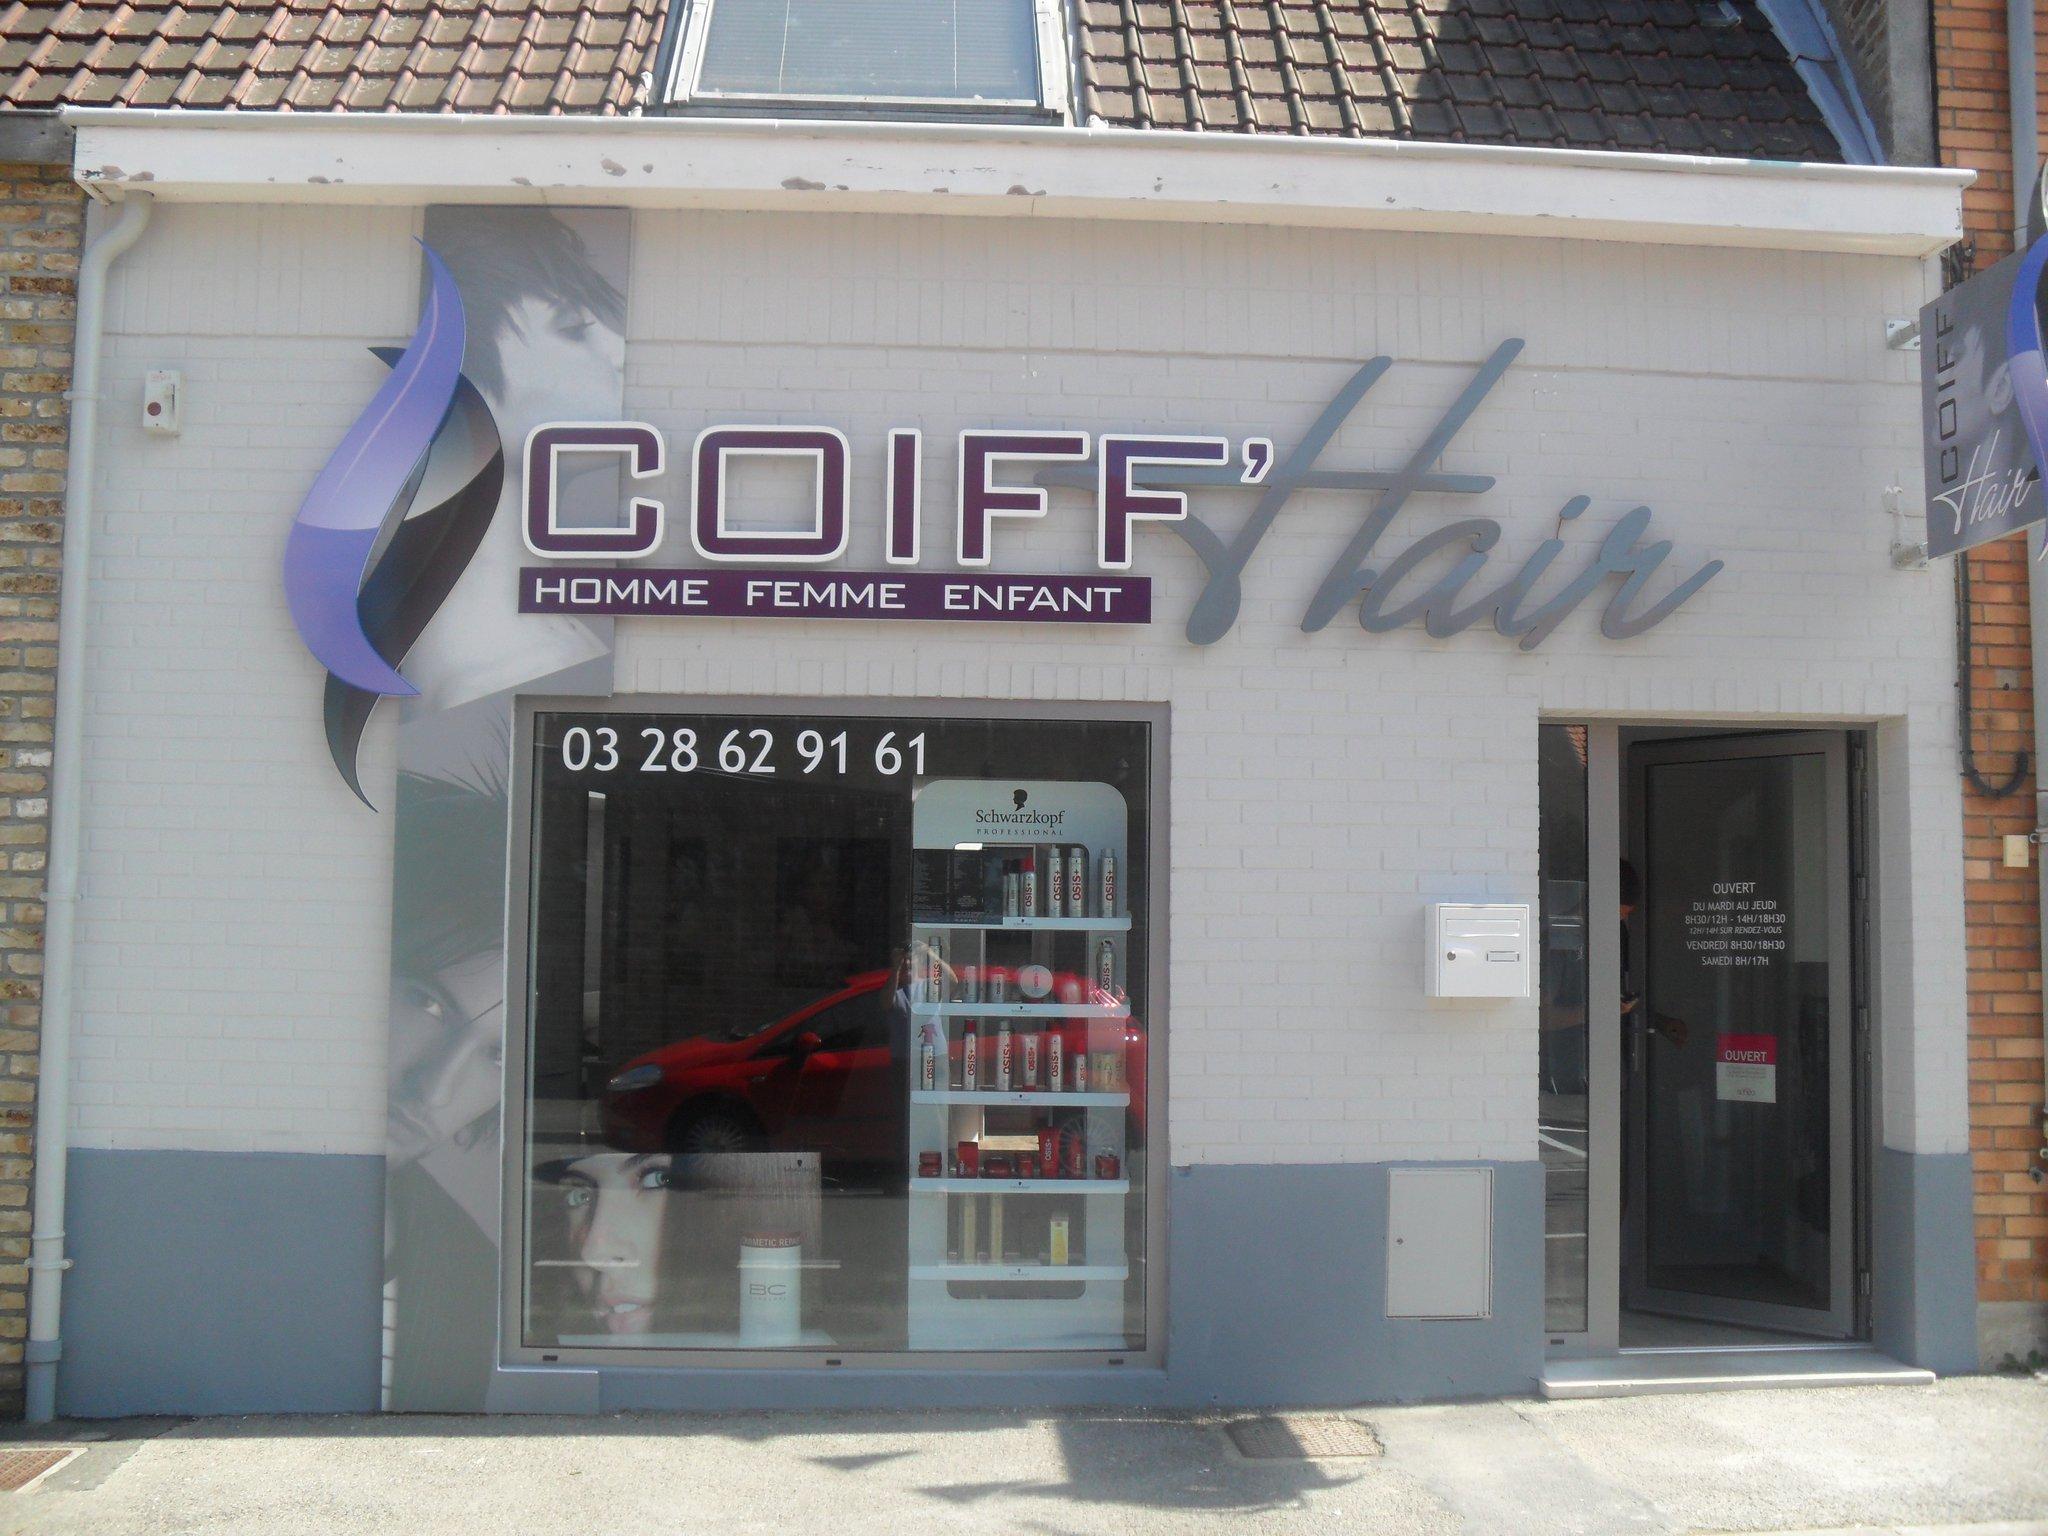 Coiffhair.jpg